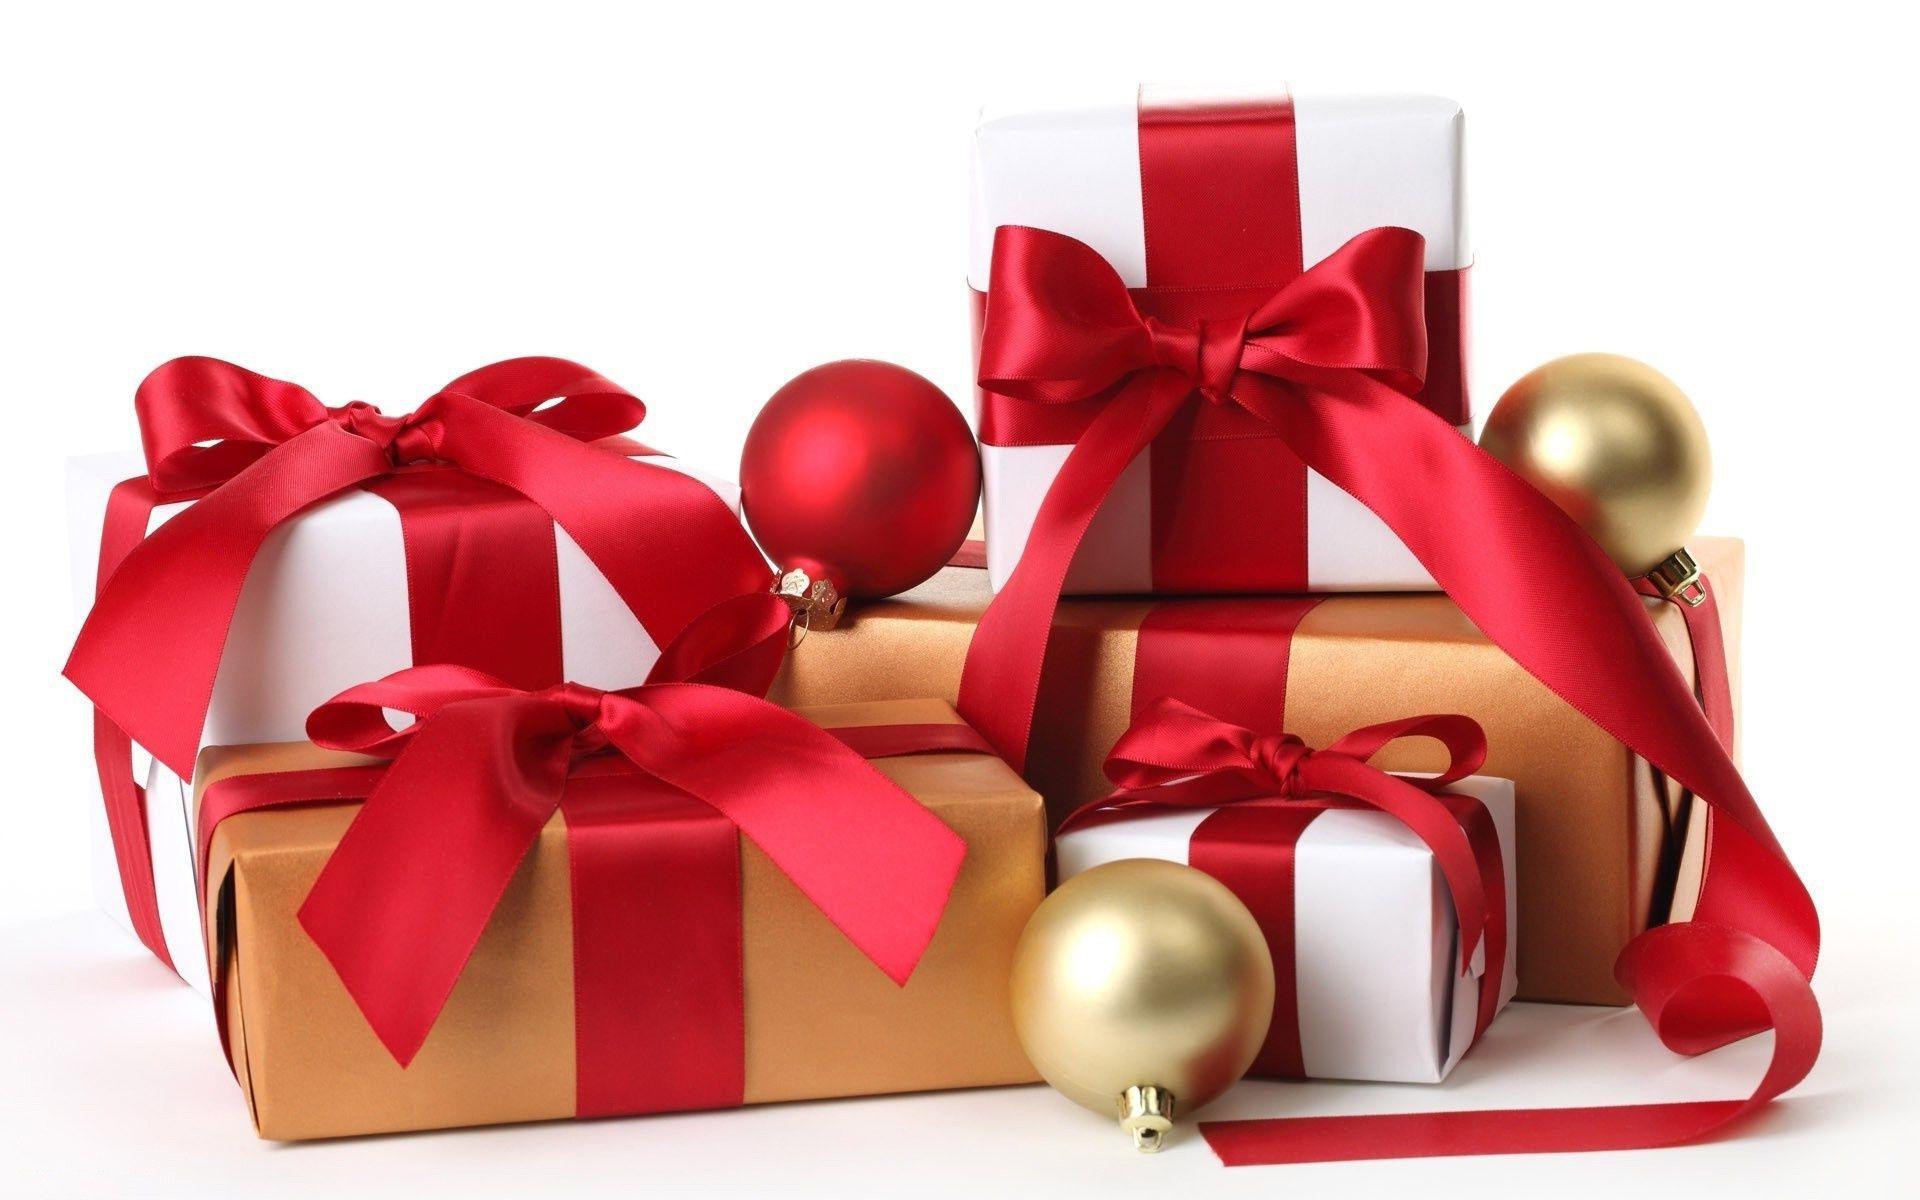 Как просить подарок у мужчины - Rakov 43